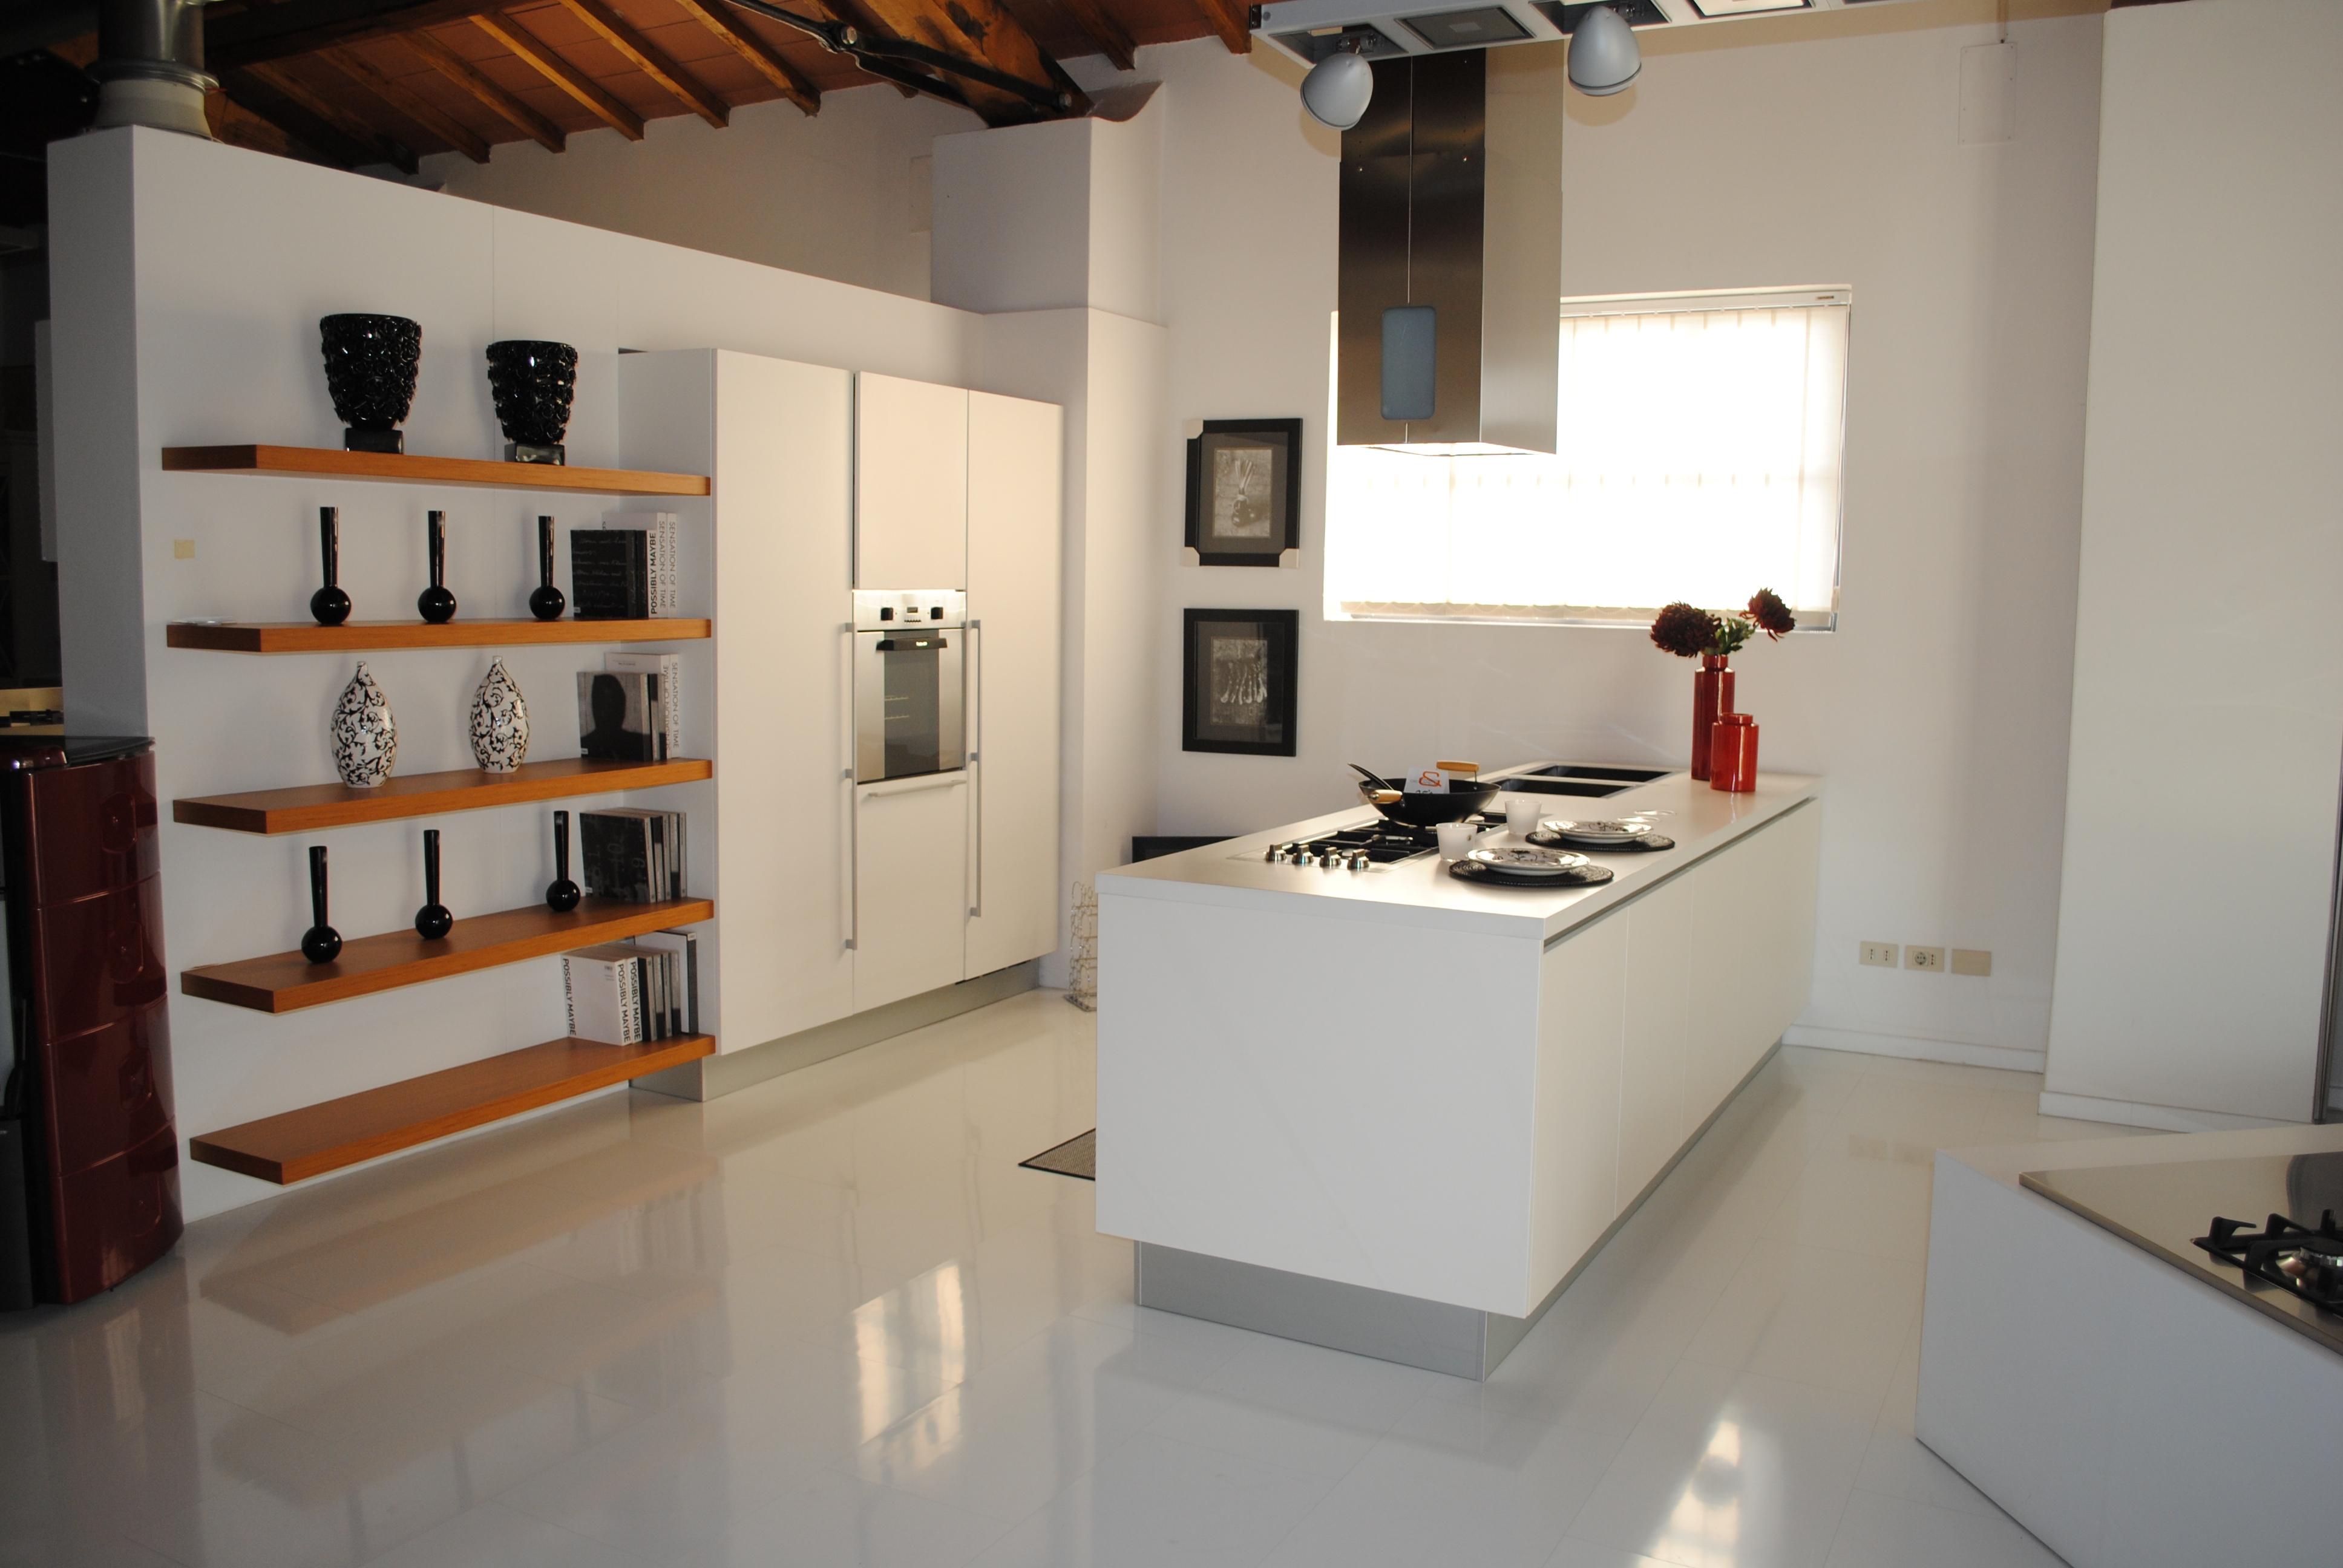 Cucina varenna in promozione cucine a prezzi scontati - Cucina varenna prezzi ...